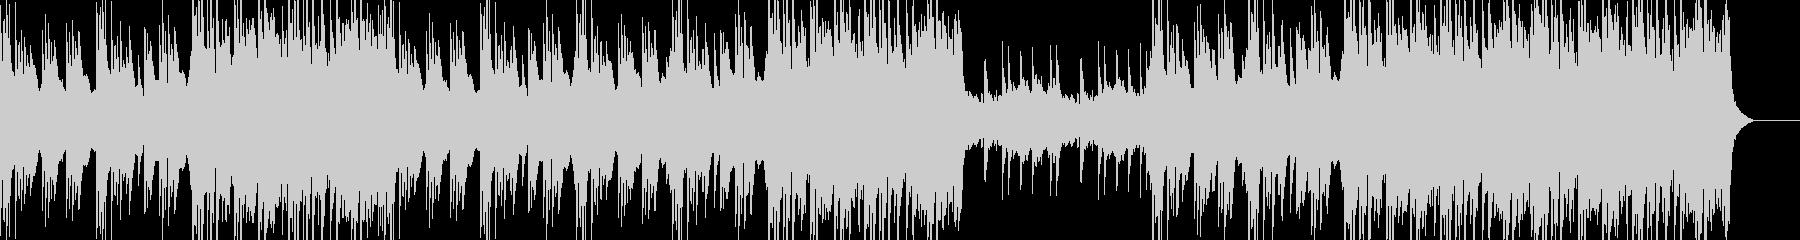 ハープのフレーズが特徴的な曲の未再生の波形